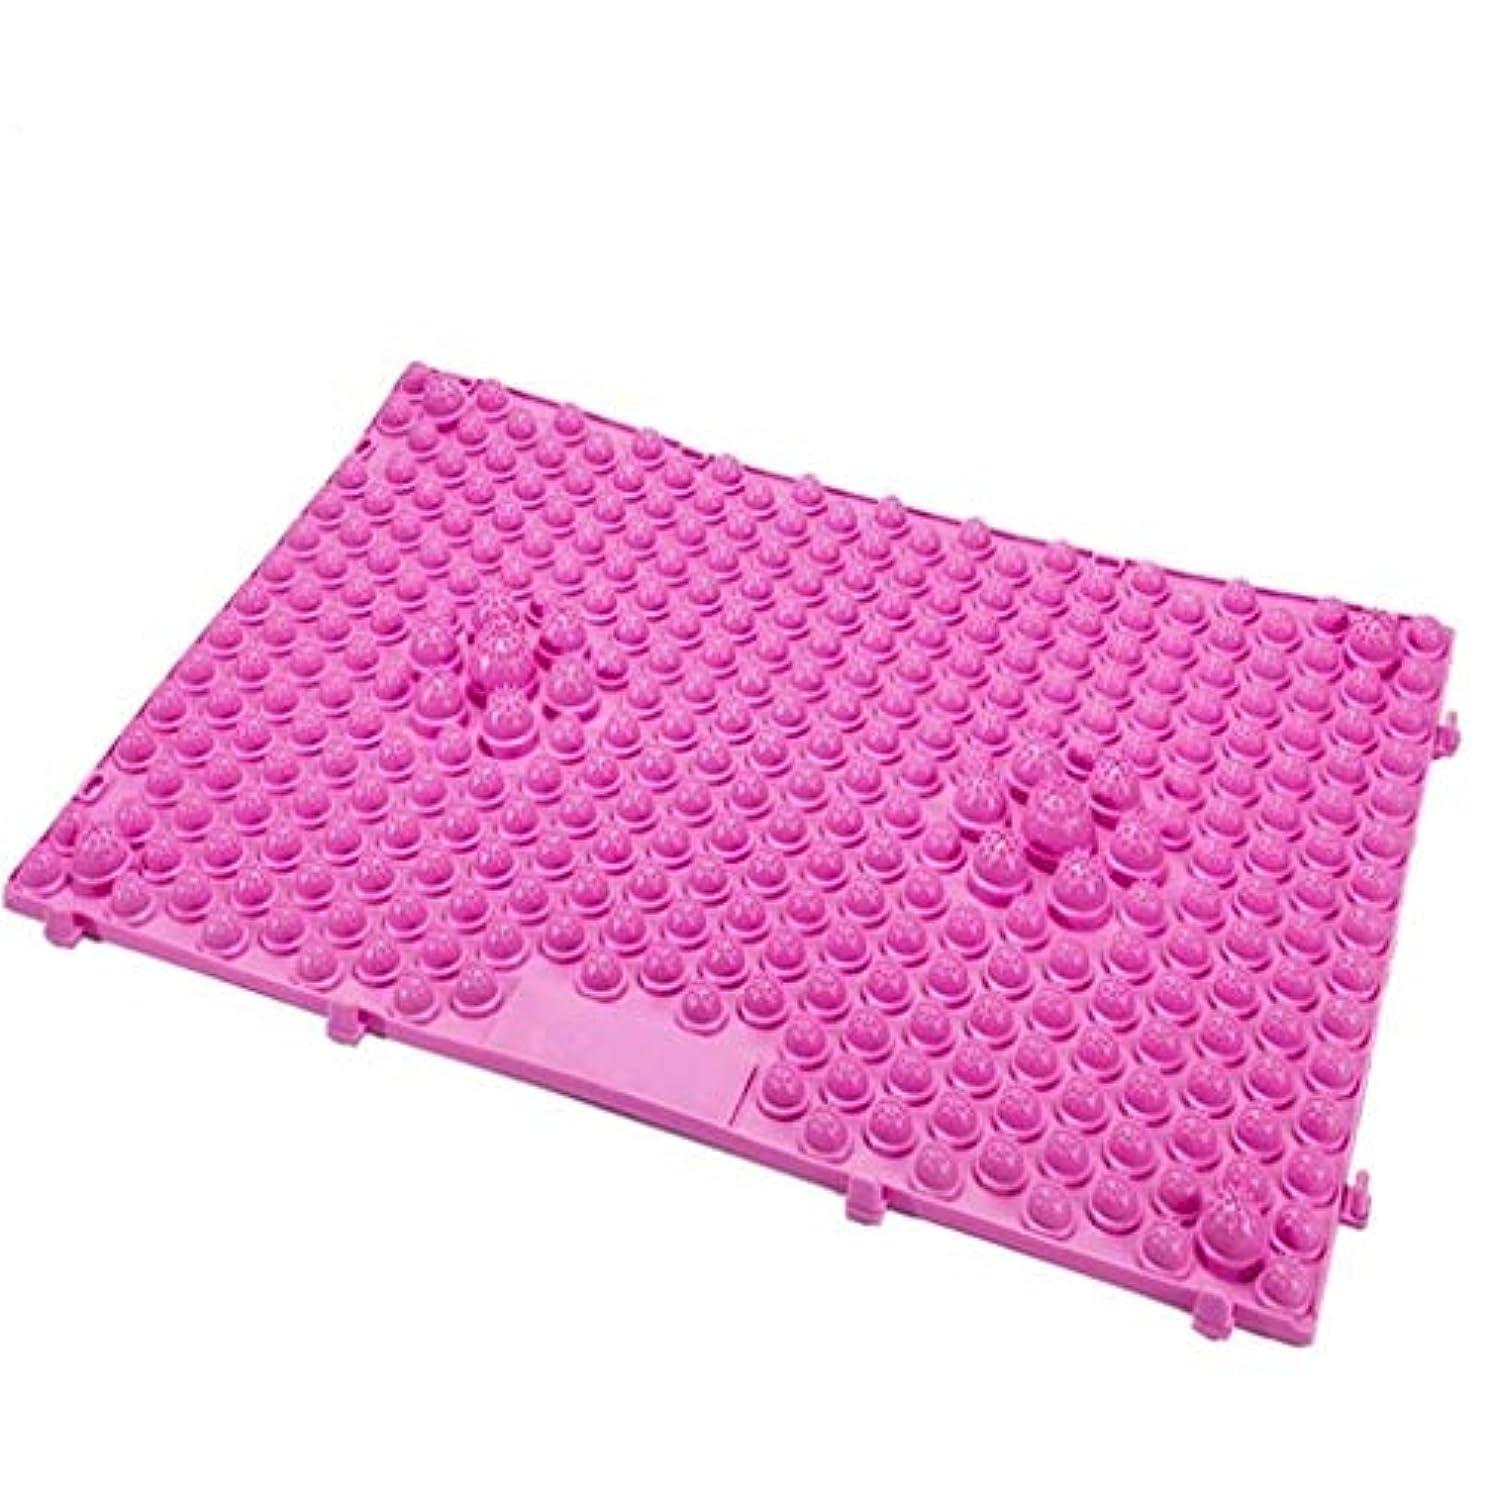 かすれたネイティブレンダーフットマッサージャー、フットマッサージ指圧パッド、フット/トーマッサージパッド、バスルームマット/ヨガマット/スポーツマット (Color : ピンク)